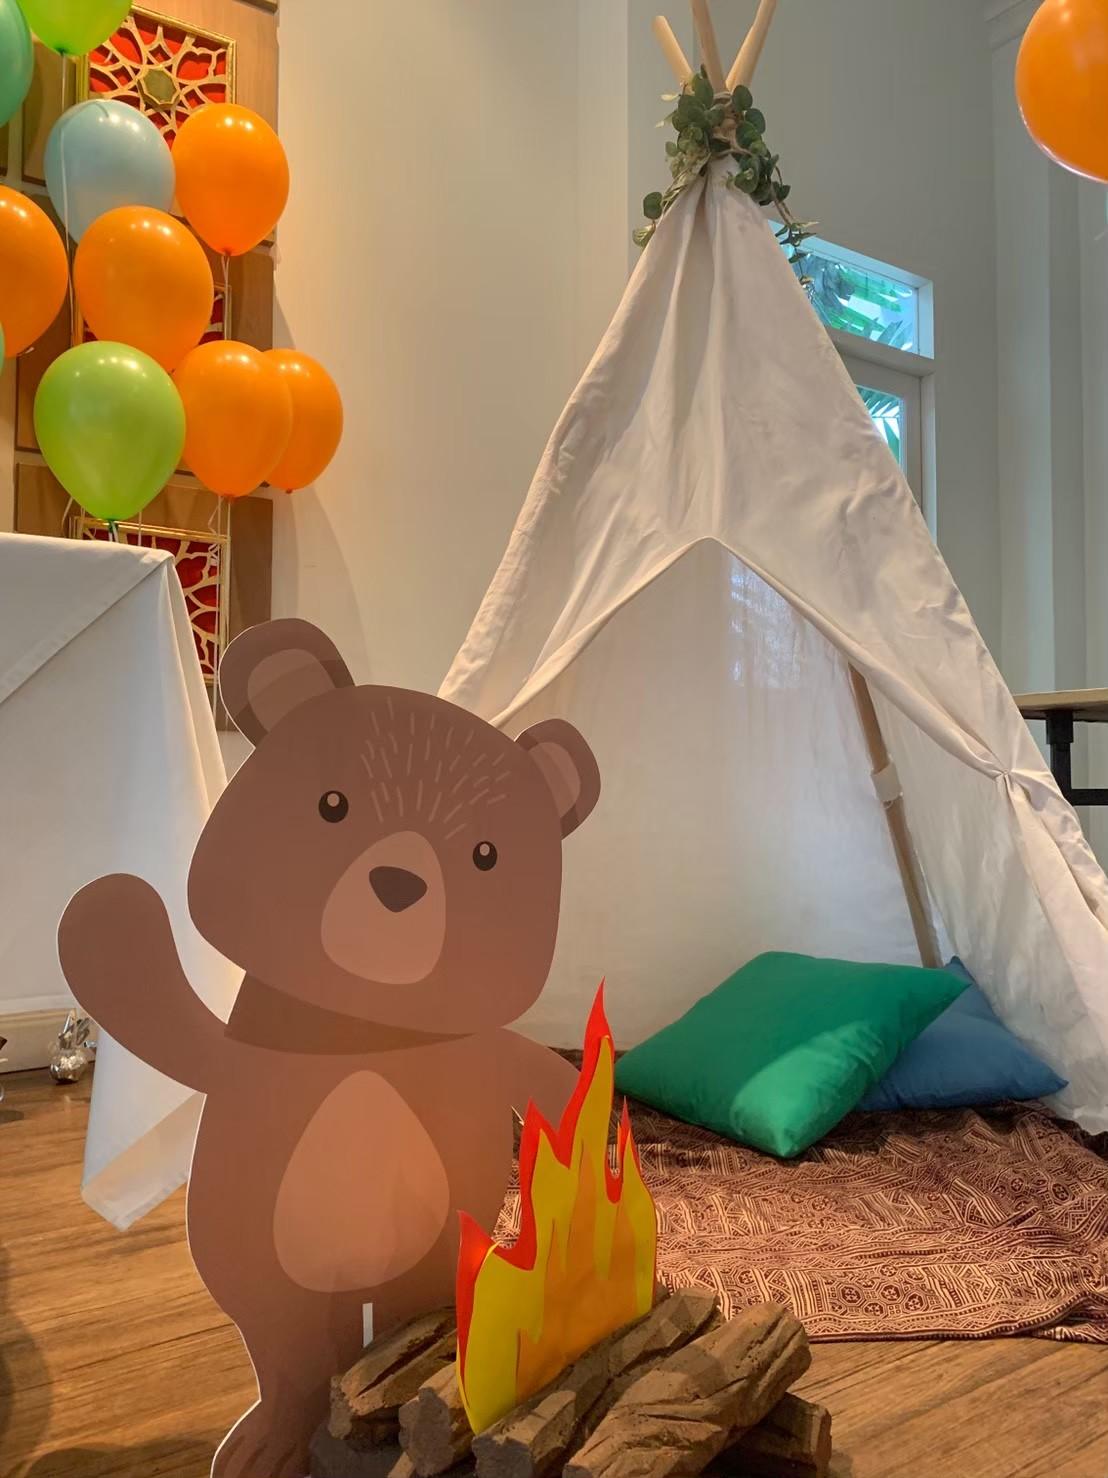 จัดปาร์ตี้ในธีมสัตว์น้อยในป่า ไอเดียการจัดงานวันเกิดน่ารักๆ ให้ลูก จัดปาร์ตี้ให้เด็กๆ ตกแต่งงานด้วยแบคดรอป มุมถ่ายรูป ซุ้มถ่ายรูป ลูกโป่ง เค้กวันเกิด